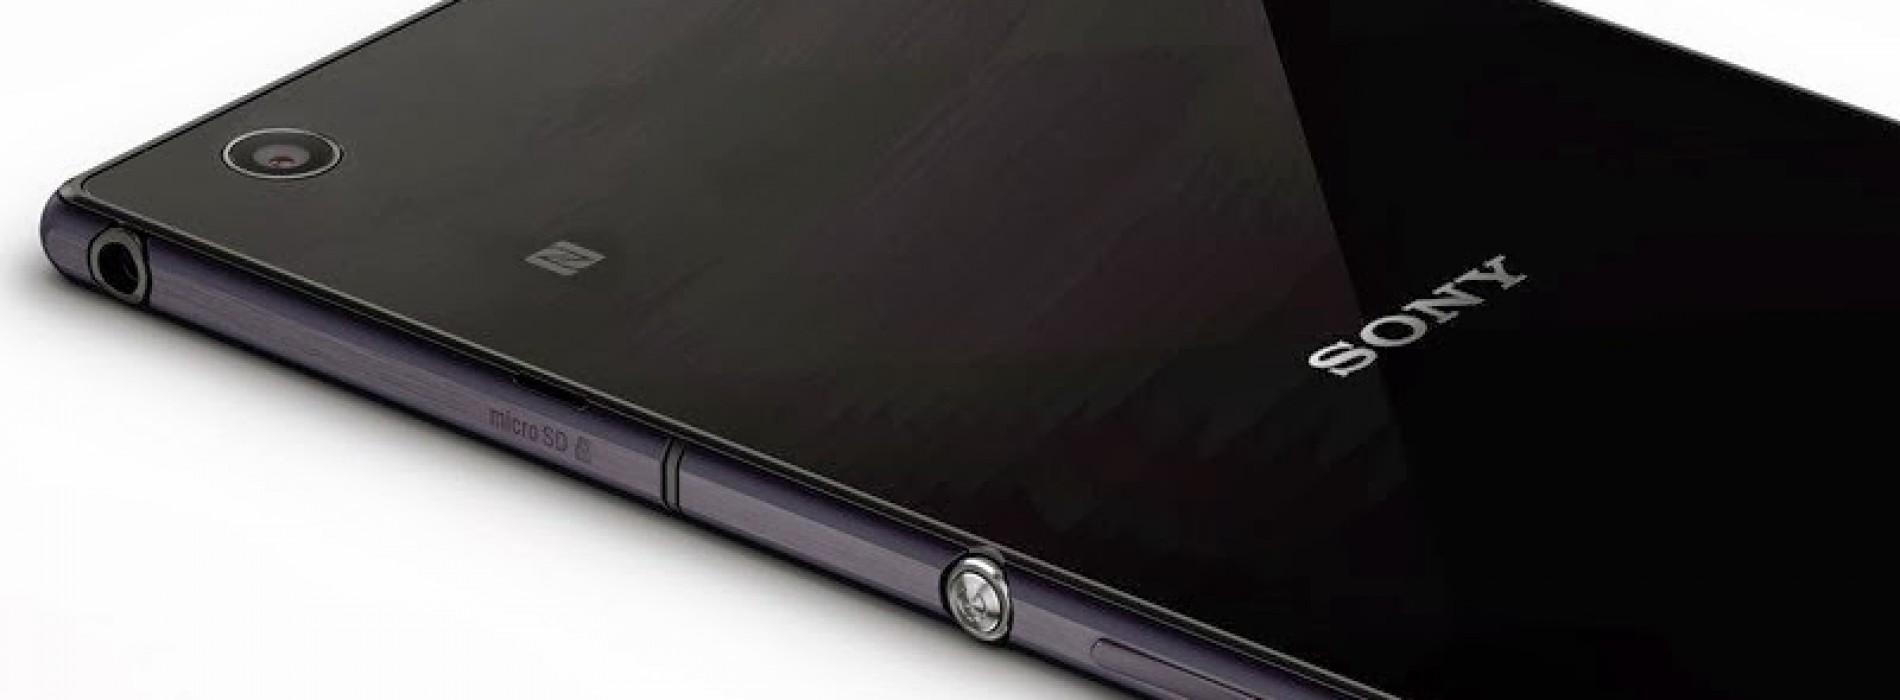 Sony Sirius Viv (D6503) is Verizon's Sony Xperia Z2?